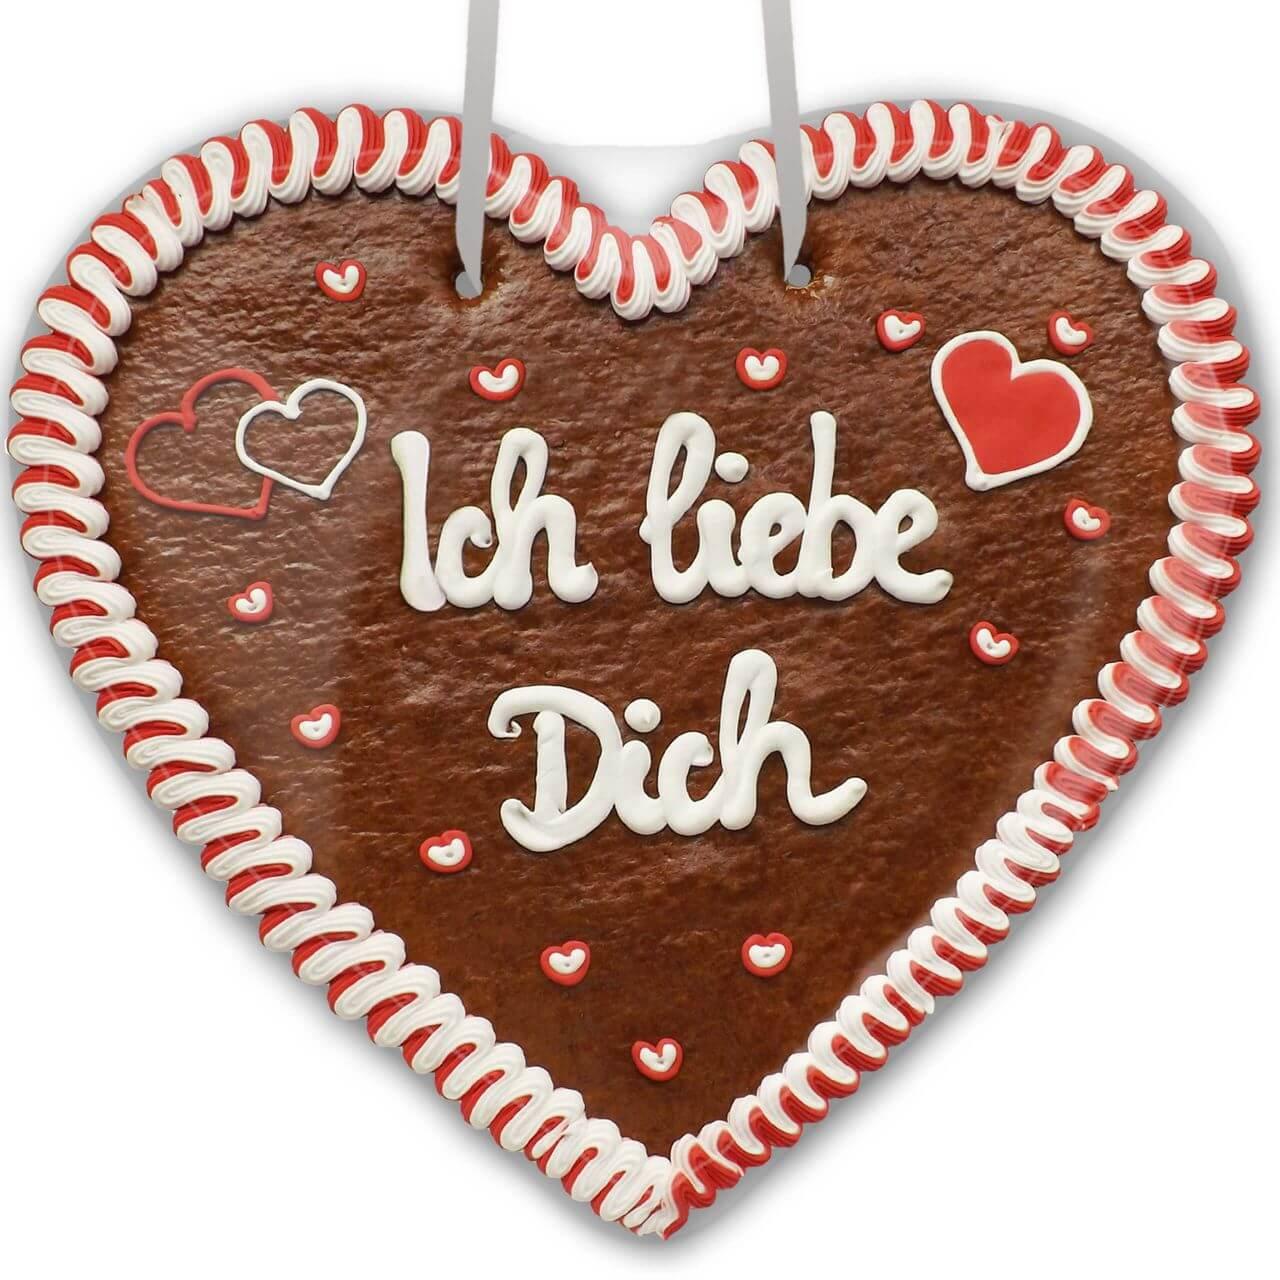 Lebkuchenherz Ich Liebe Dich Xxl Lebkuchenherz Lebkuchen Markt De